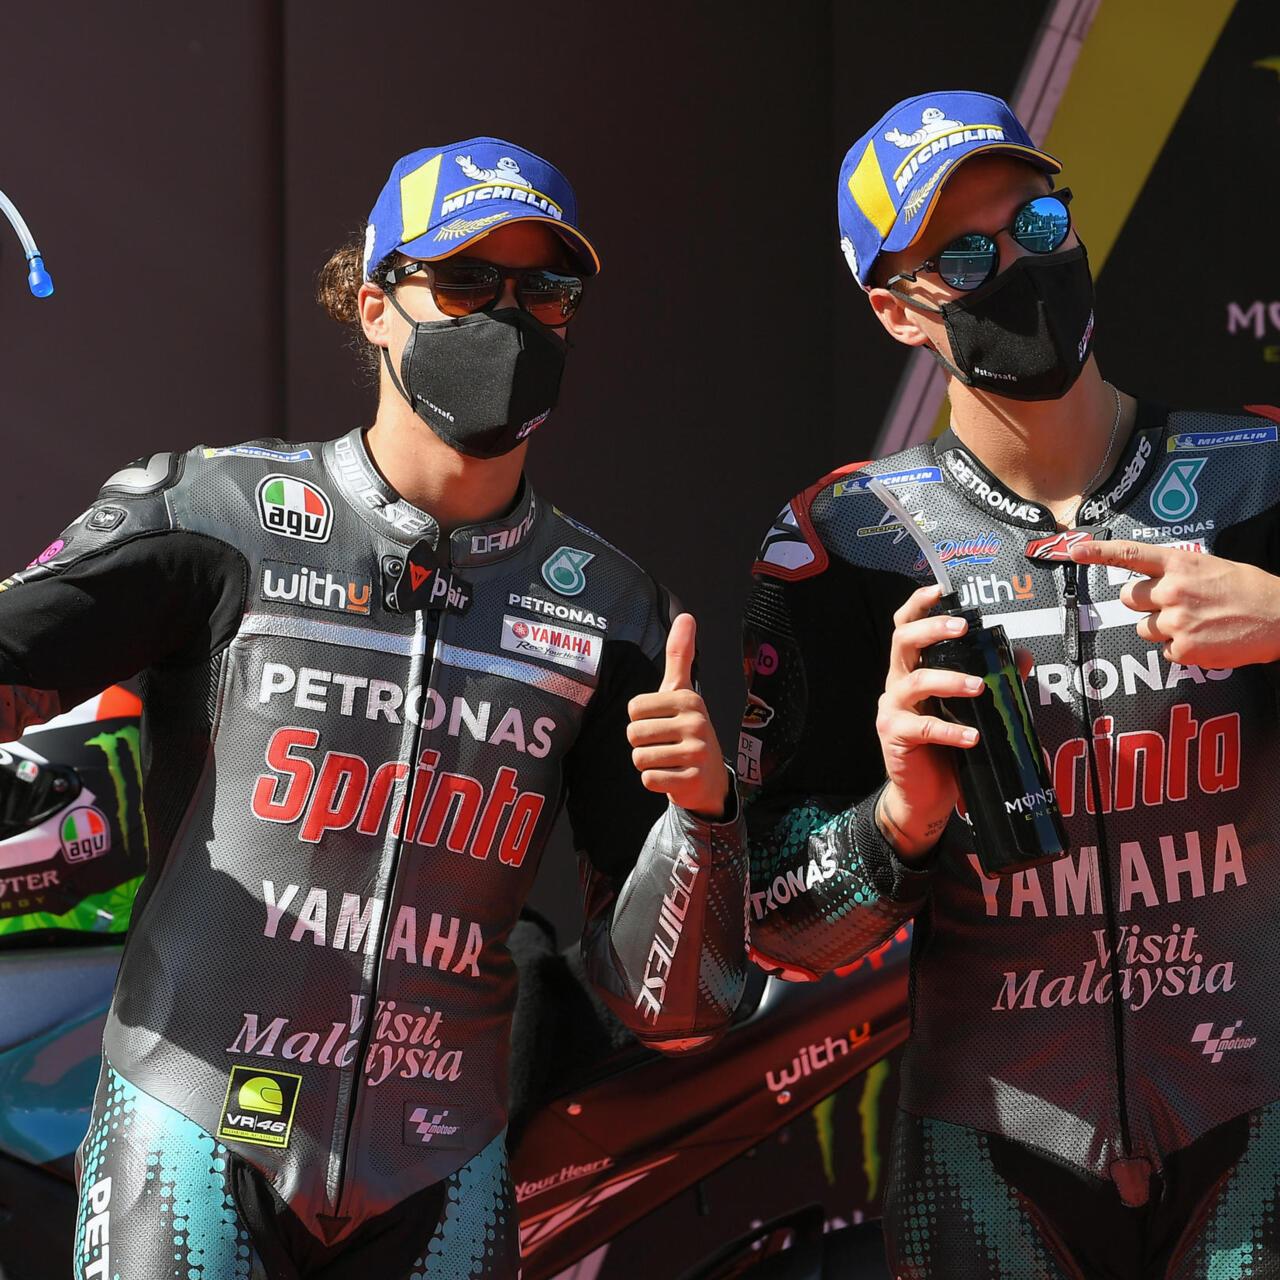 Morbidelli Takes Pole As Yamaha Dominate Catalonia Motogp Qualifying France 24